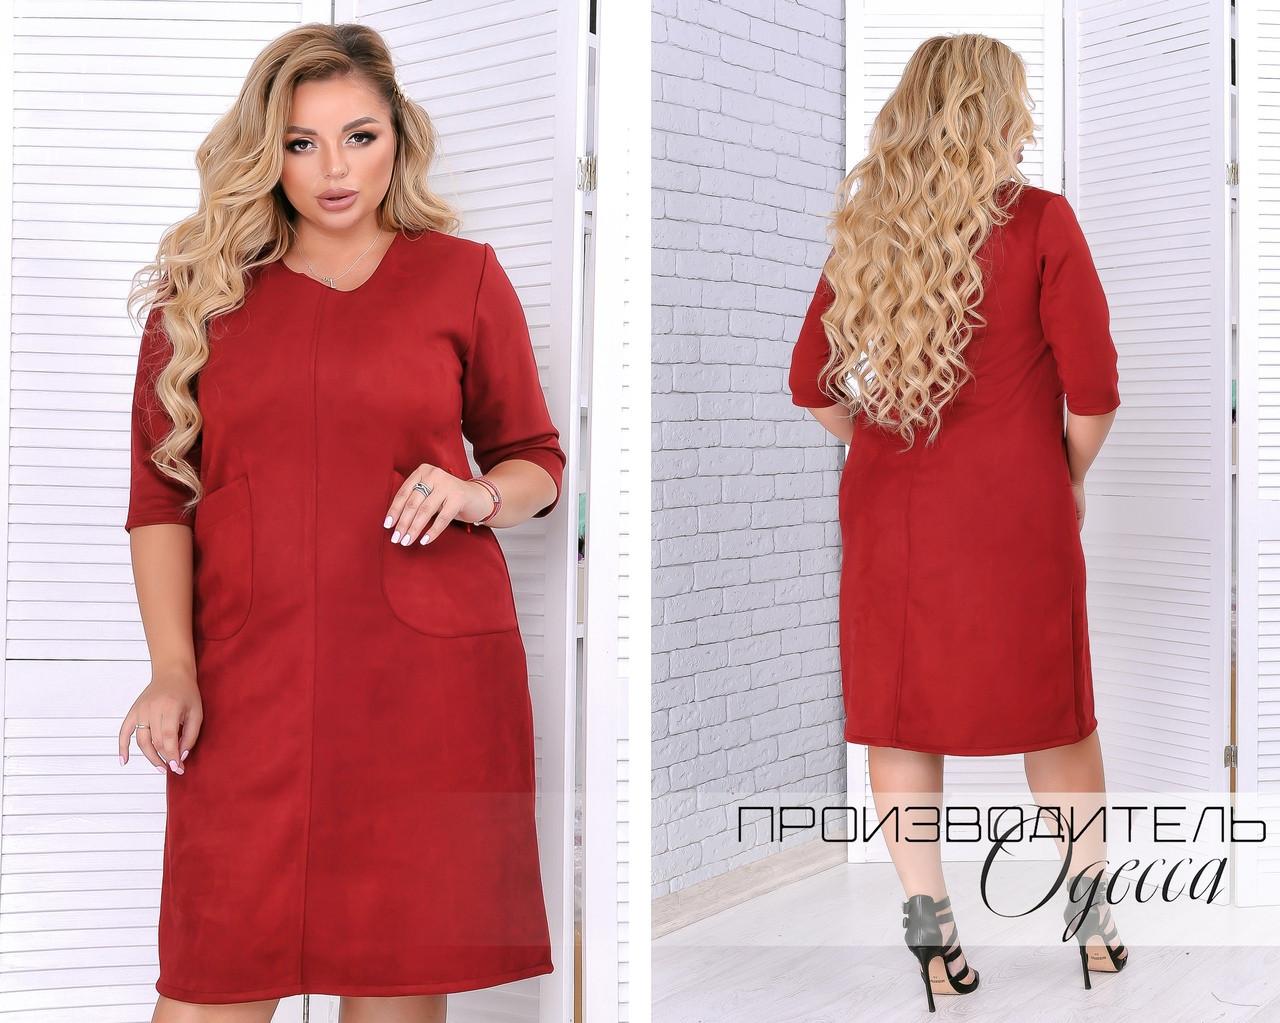 Модное женское платье свободного кроя из замши в 3-х цветах батал 50-64 размер